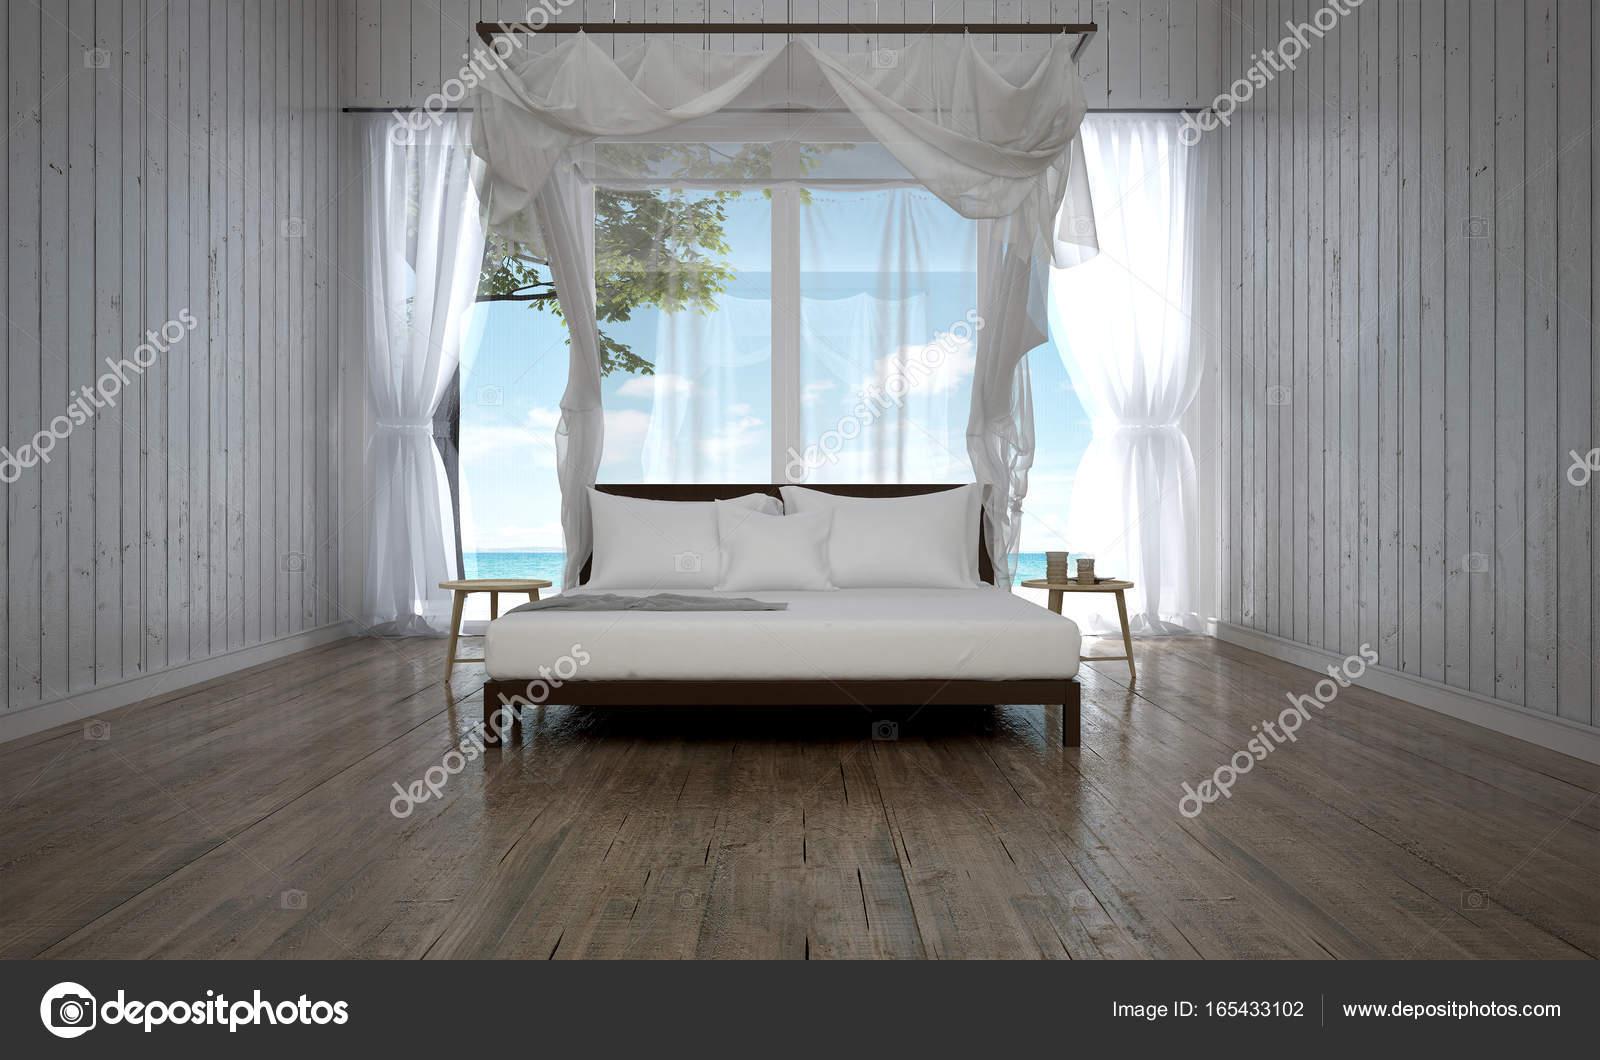 Die Luxus Schlafzimmer Innenarchitektur Und Holz Wand Hintergrund Und  Meerblick U2014 Stockfoto